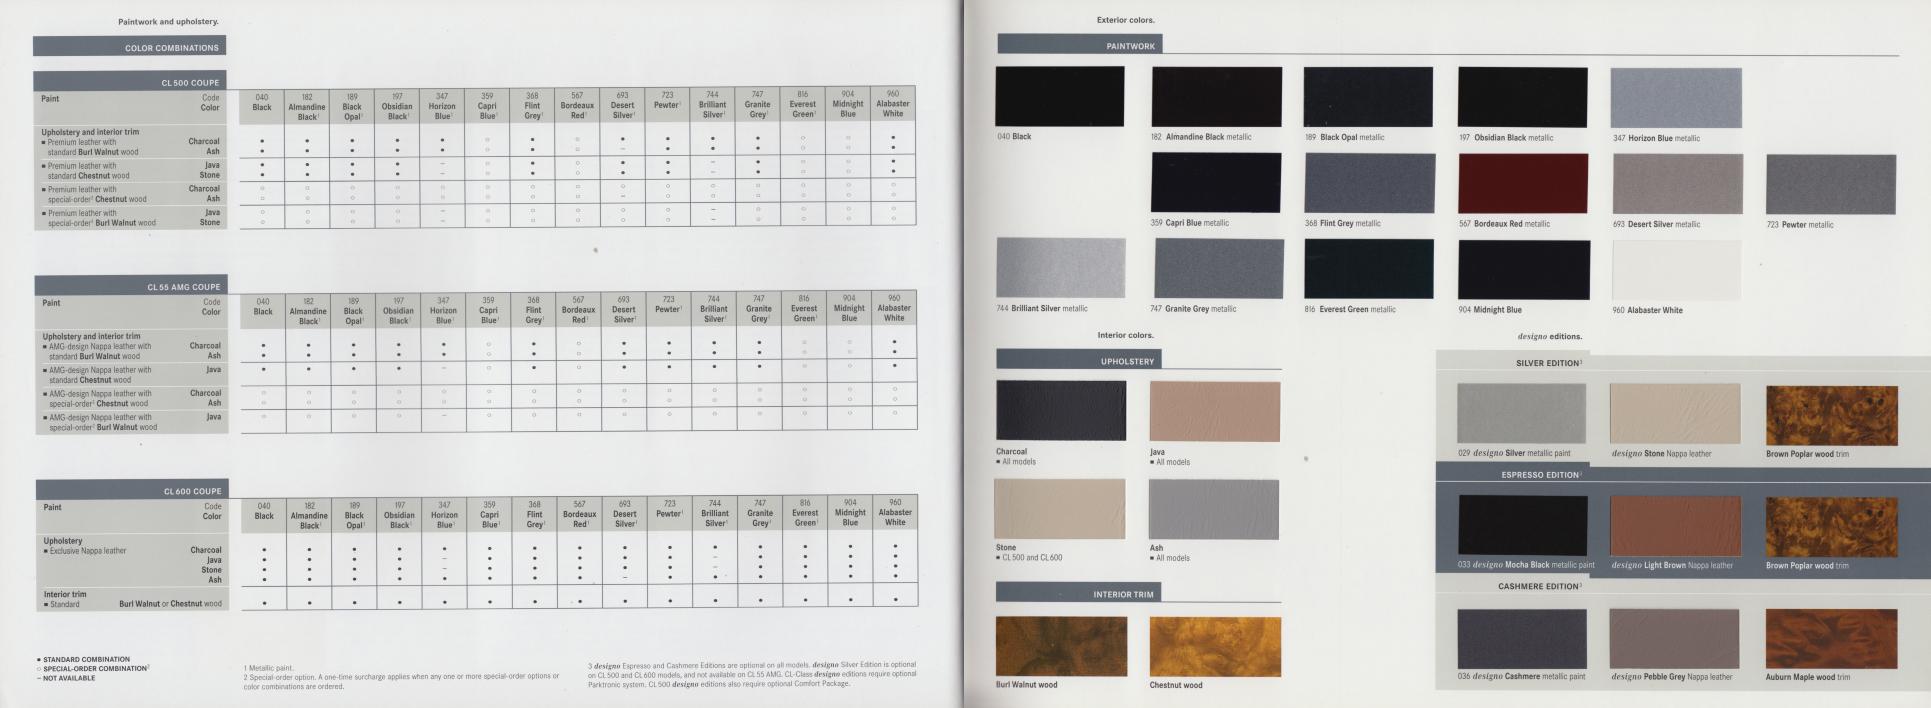 (C215): Catálogo 2005 USA - inglês 016